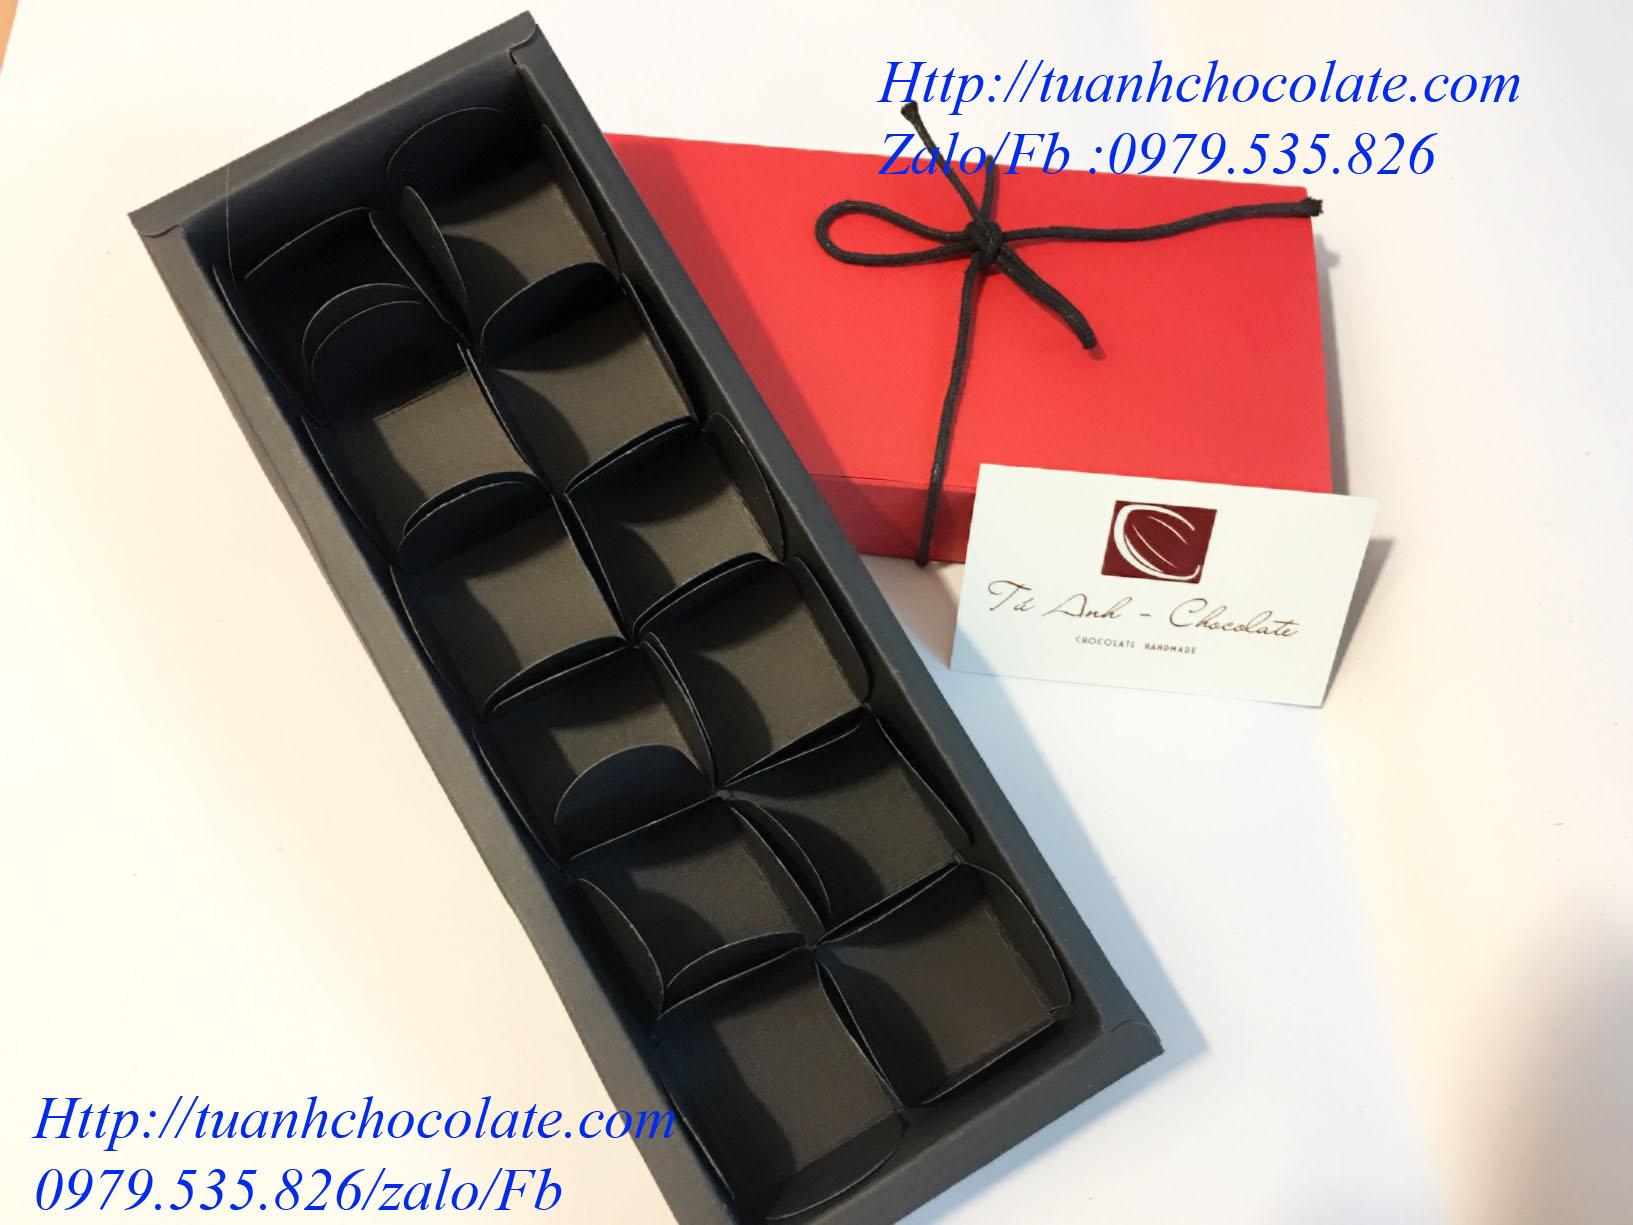 NHC14 - Hộp đựng socola hình chữ nhật 14 ngăn đỏ sang trọng